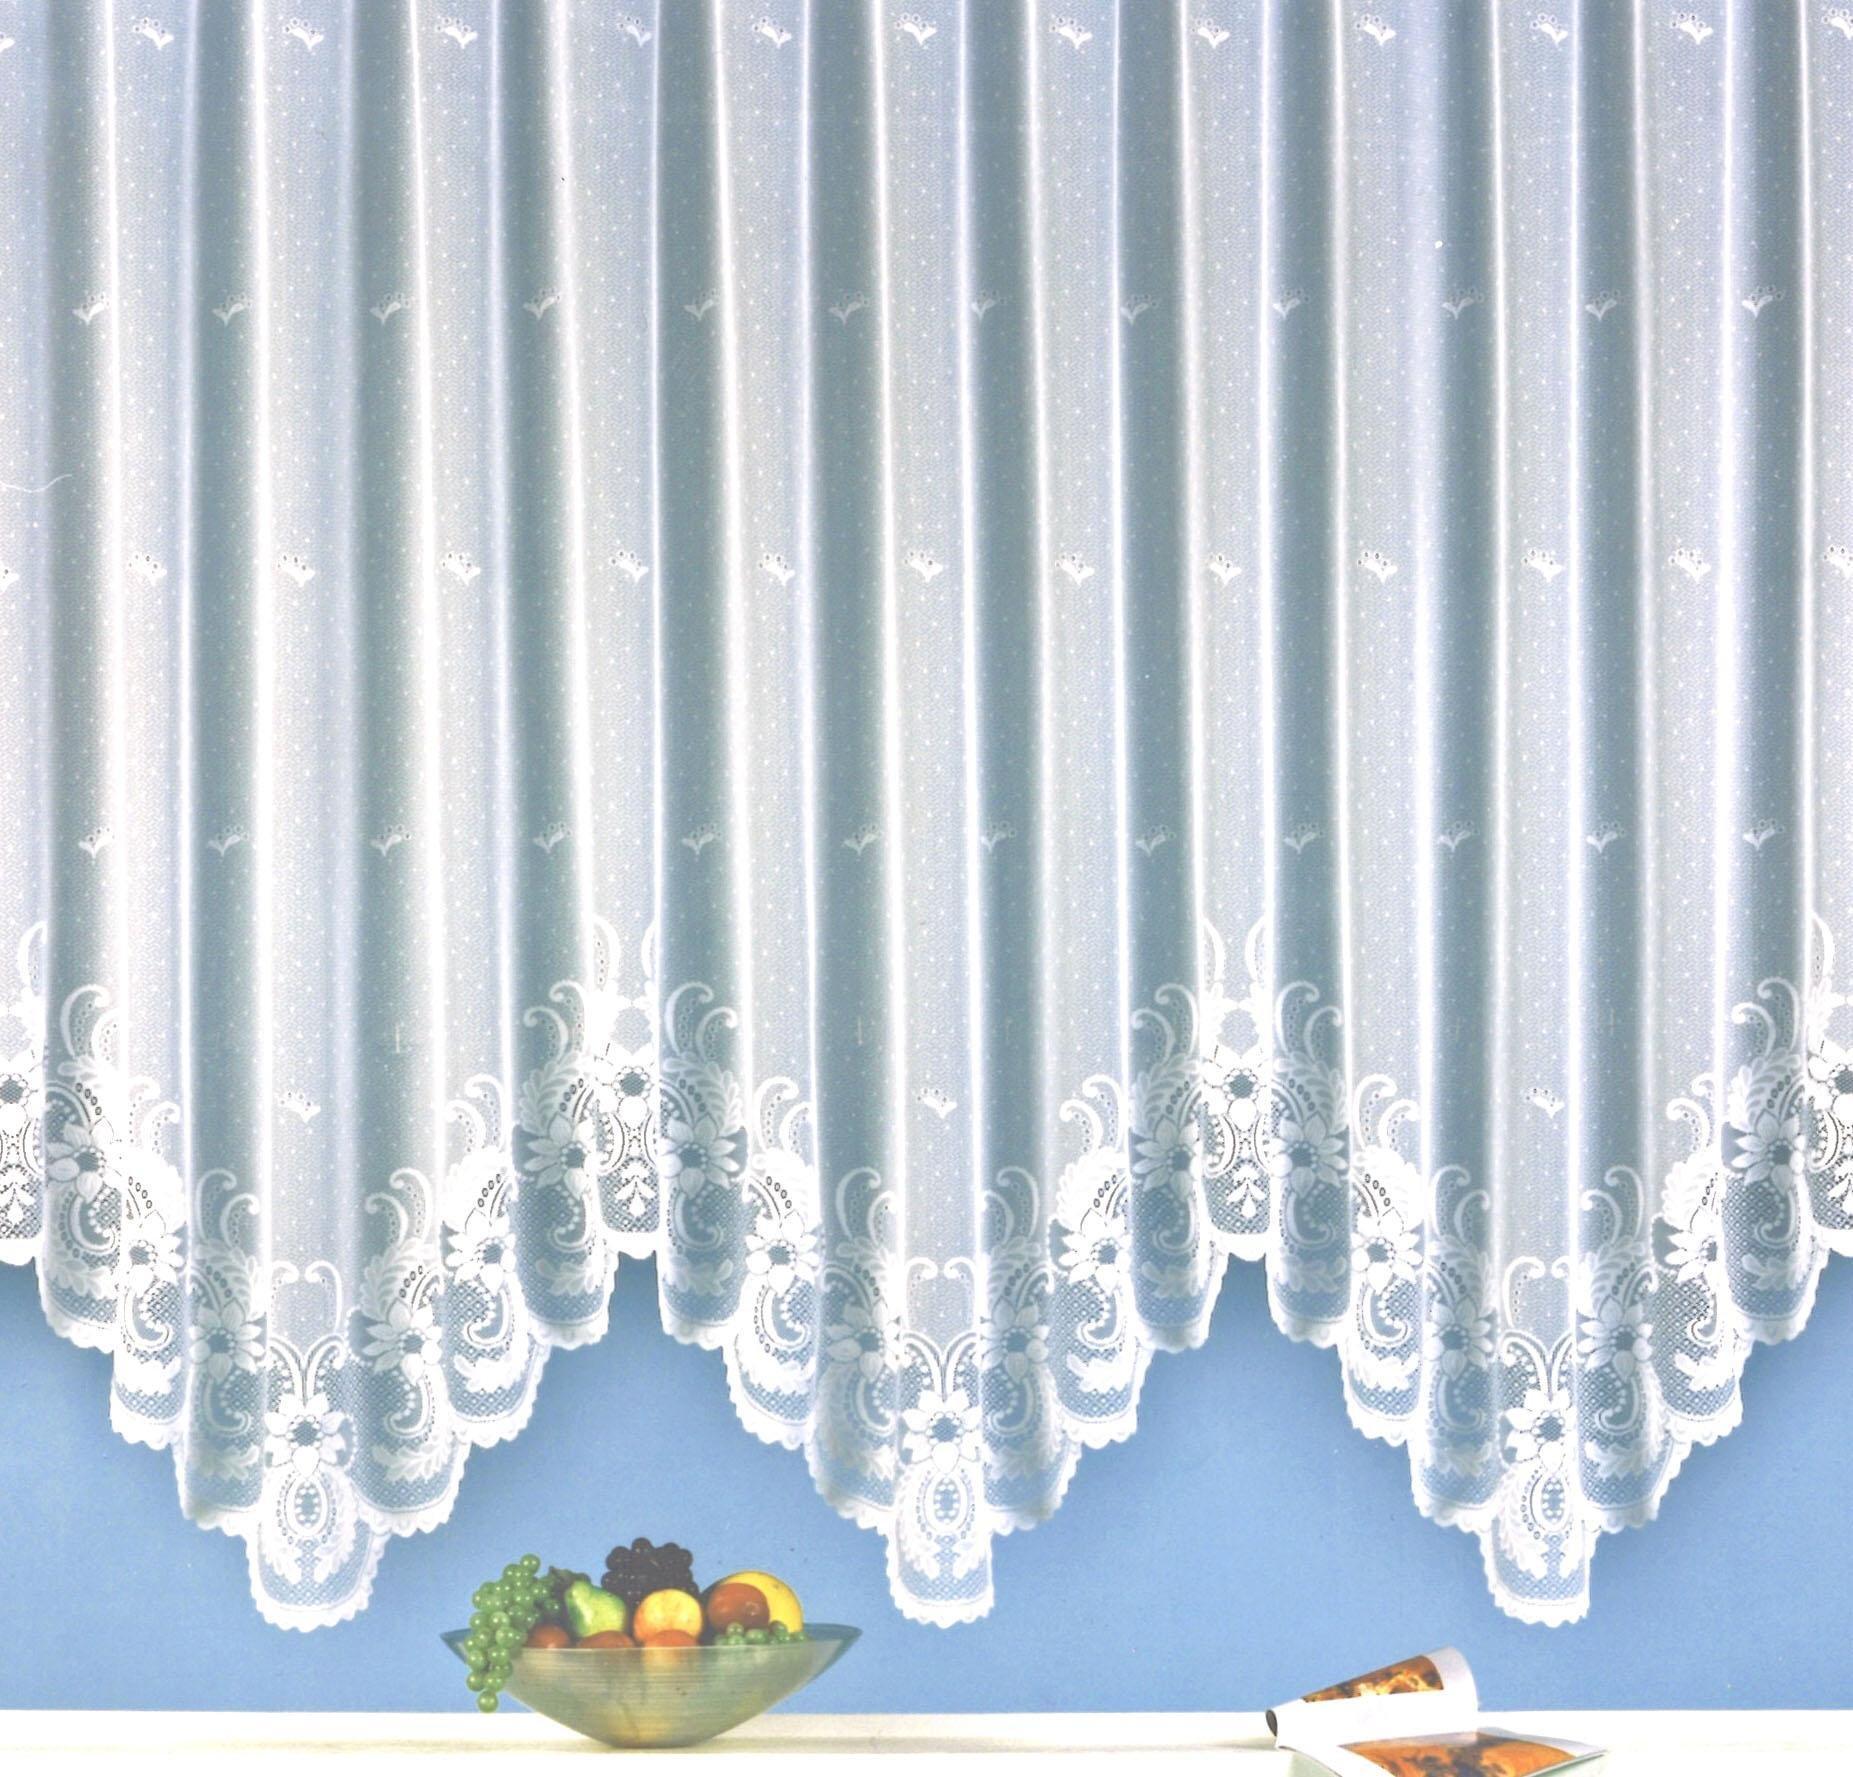 Full Size of Bogen Gardinen Gardine Wohnzimmer Schlafzimmer Für Scheibengardinen Küche Die Fenster Bogenlampe Esstisch Wohnzimmer Bogen Gardinen